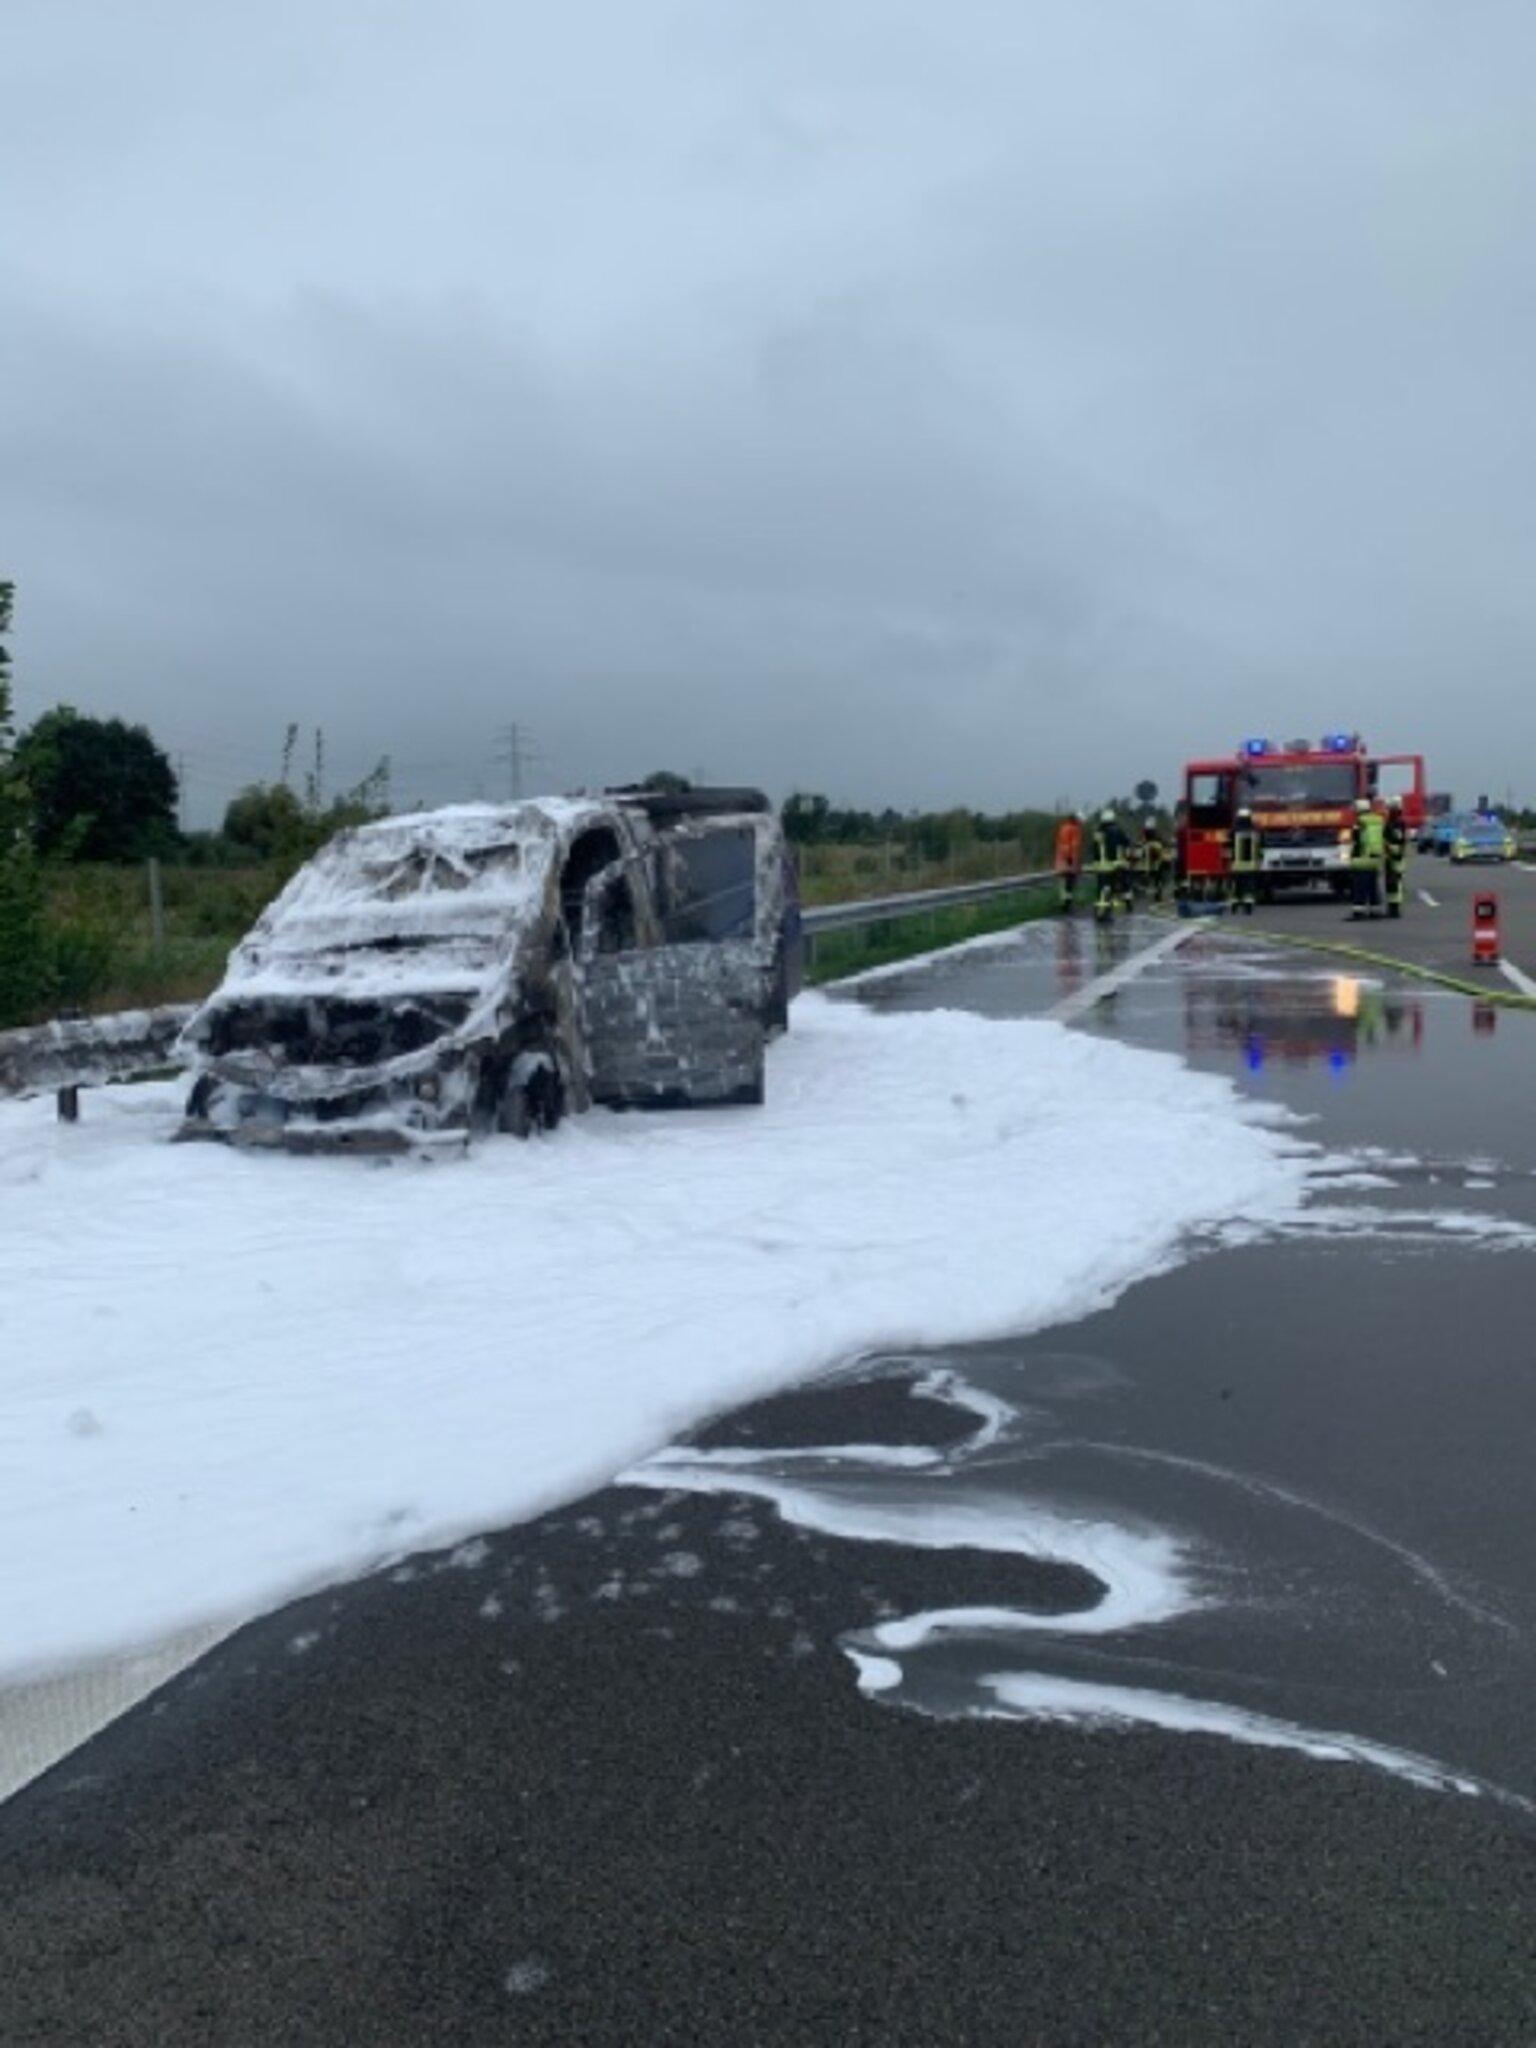 Zuerst kam Qualm aus der Lüftung                                                                  Mercedes Vito brennt auf der A26 aus